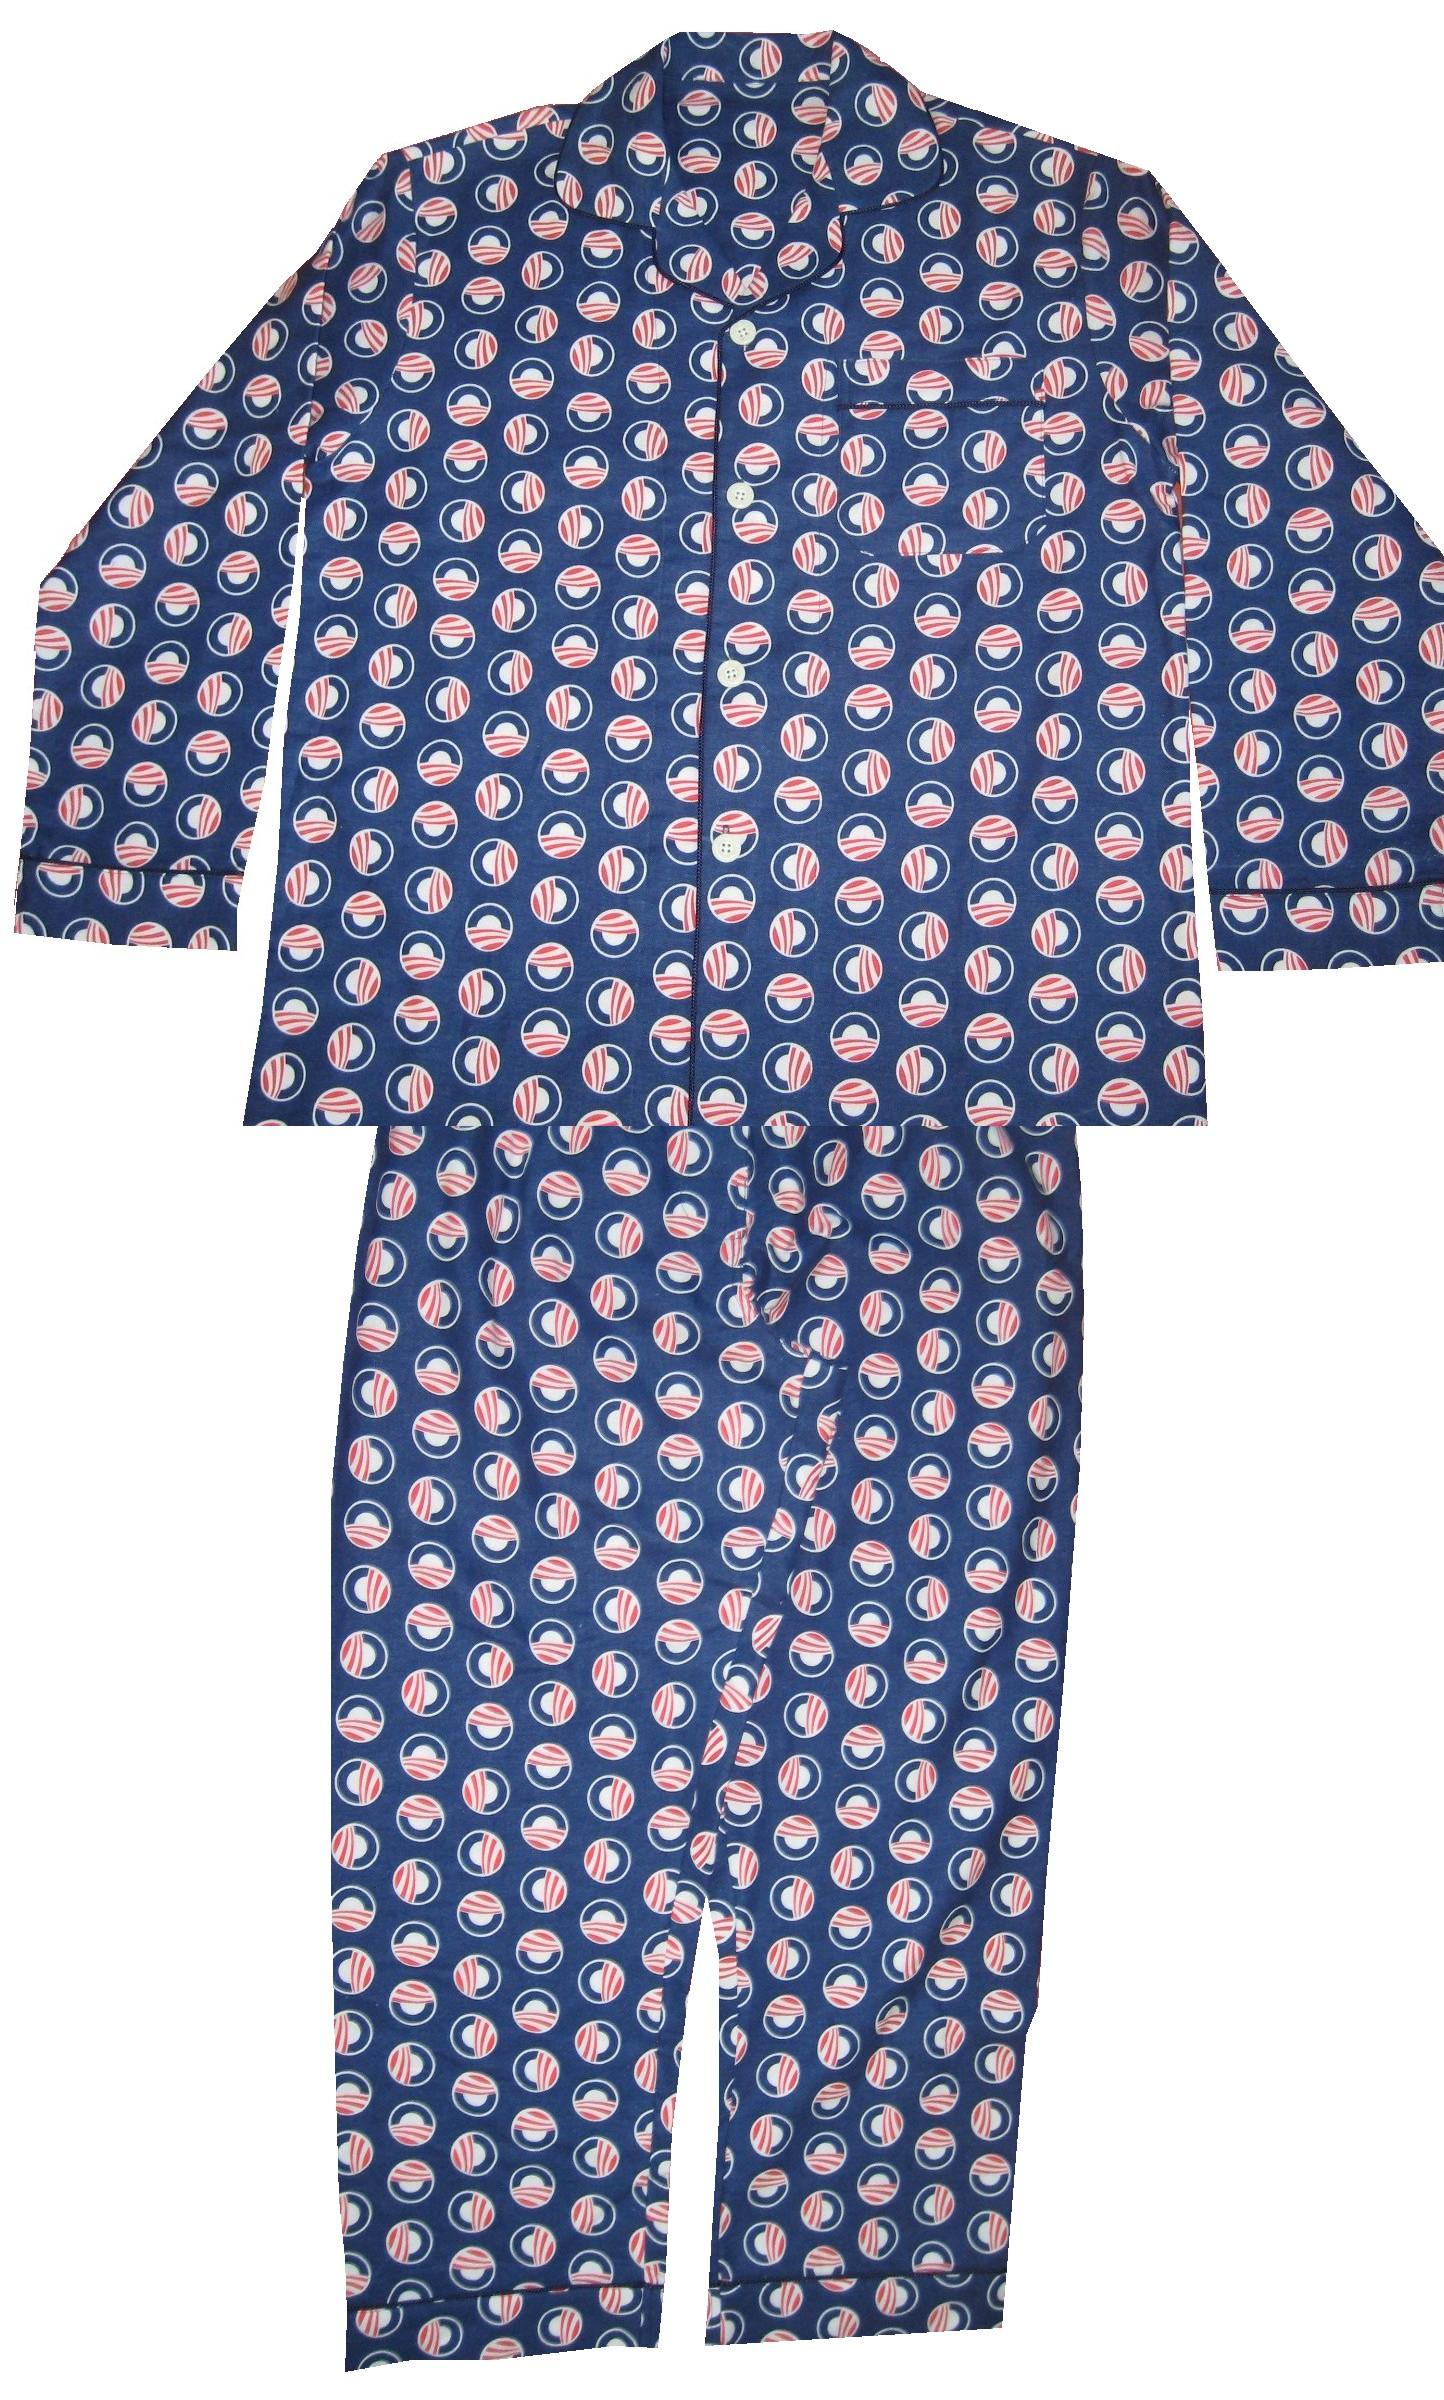 http://www.ojamas.us